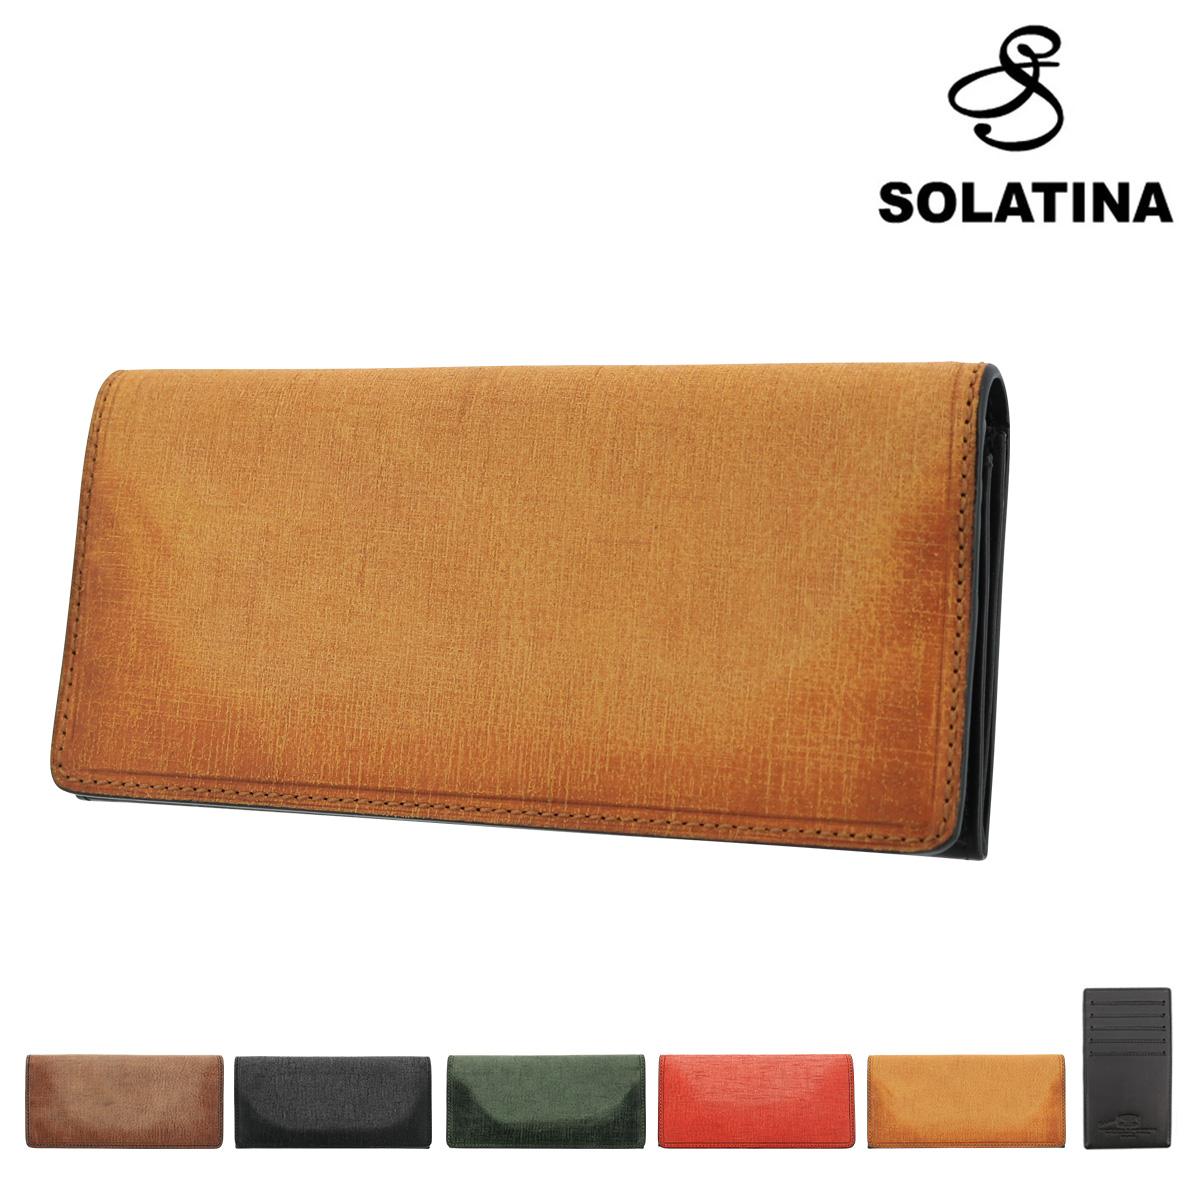 ソラチナ 長財布 バベル メンズ SW-70011 SOLATINA | 本革 イタリアンレザー カーフ カードケース付 [bef][PO10]